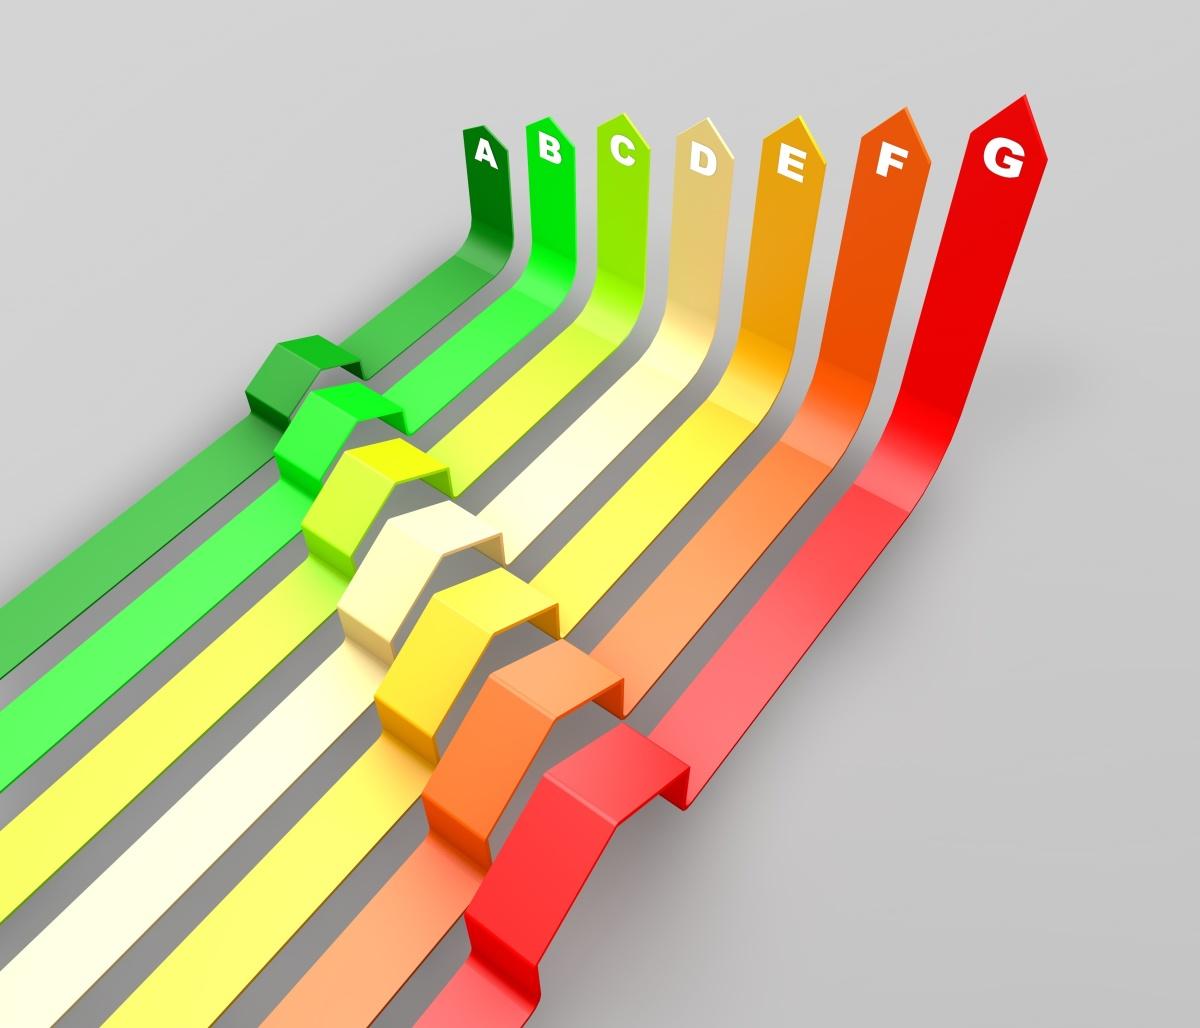 Aides à la transition énergétique – Représentation des performances d'énergie de l'immobilier de A à G